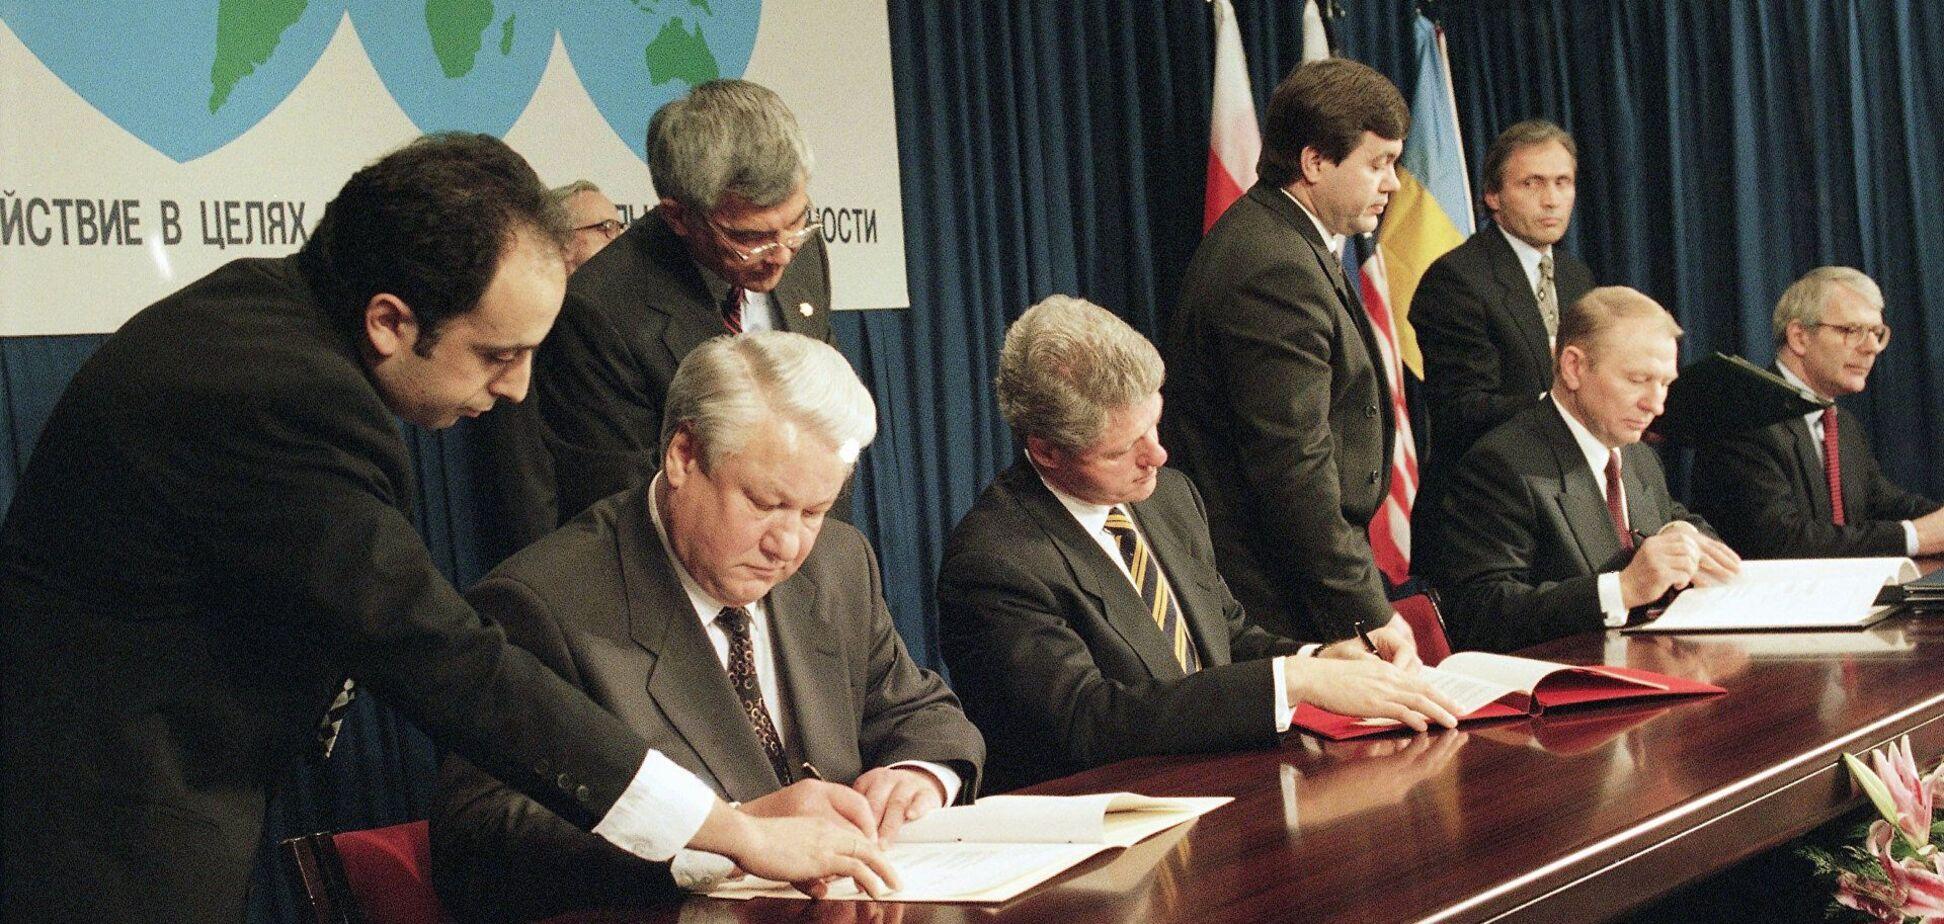 Подписание Будапештского меморандума в декабре 1995 года